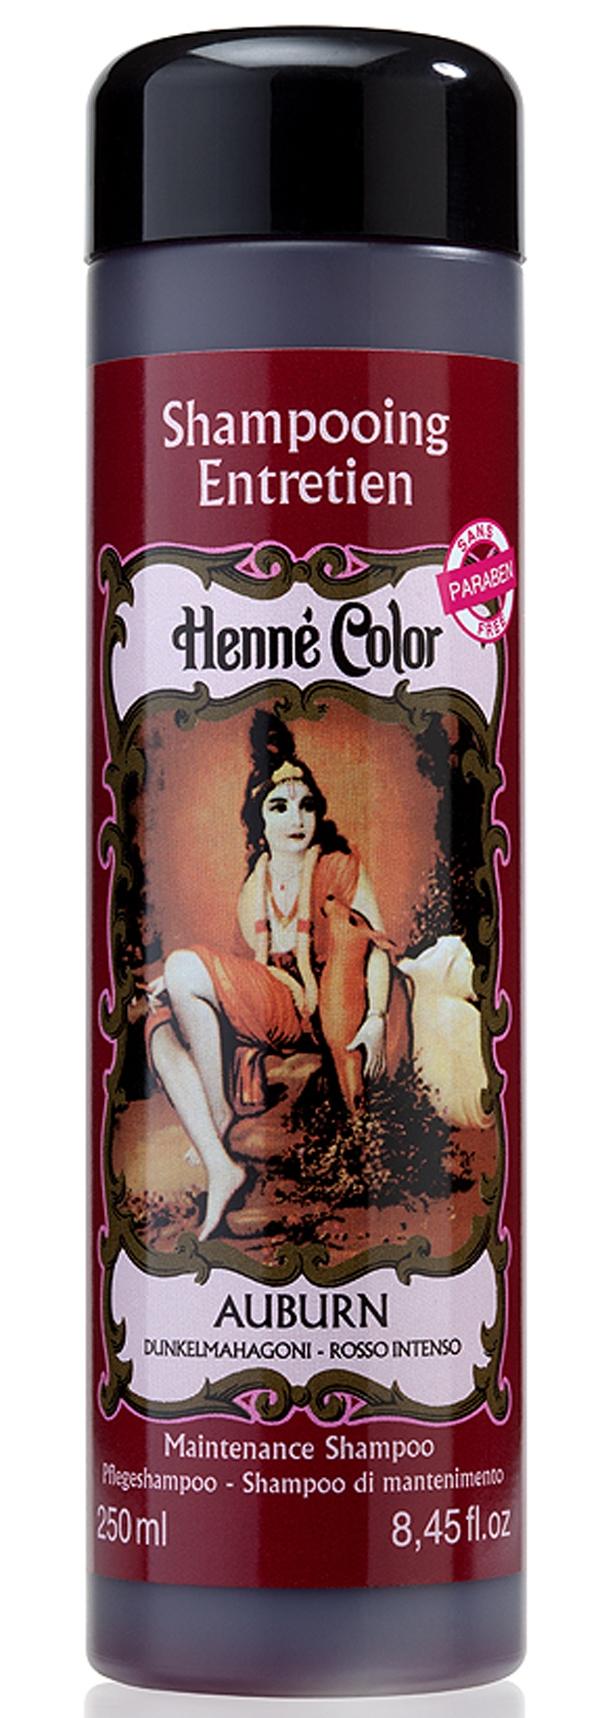 Shampooing entretien Henné Color auburn 250ml